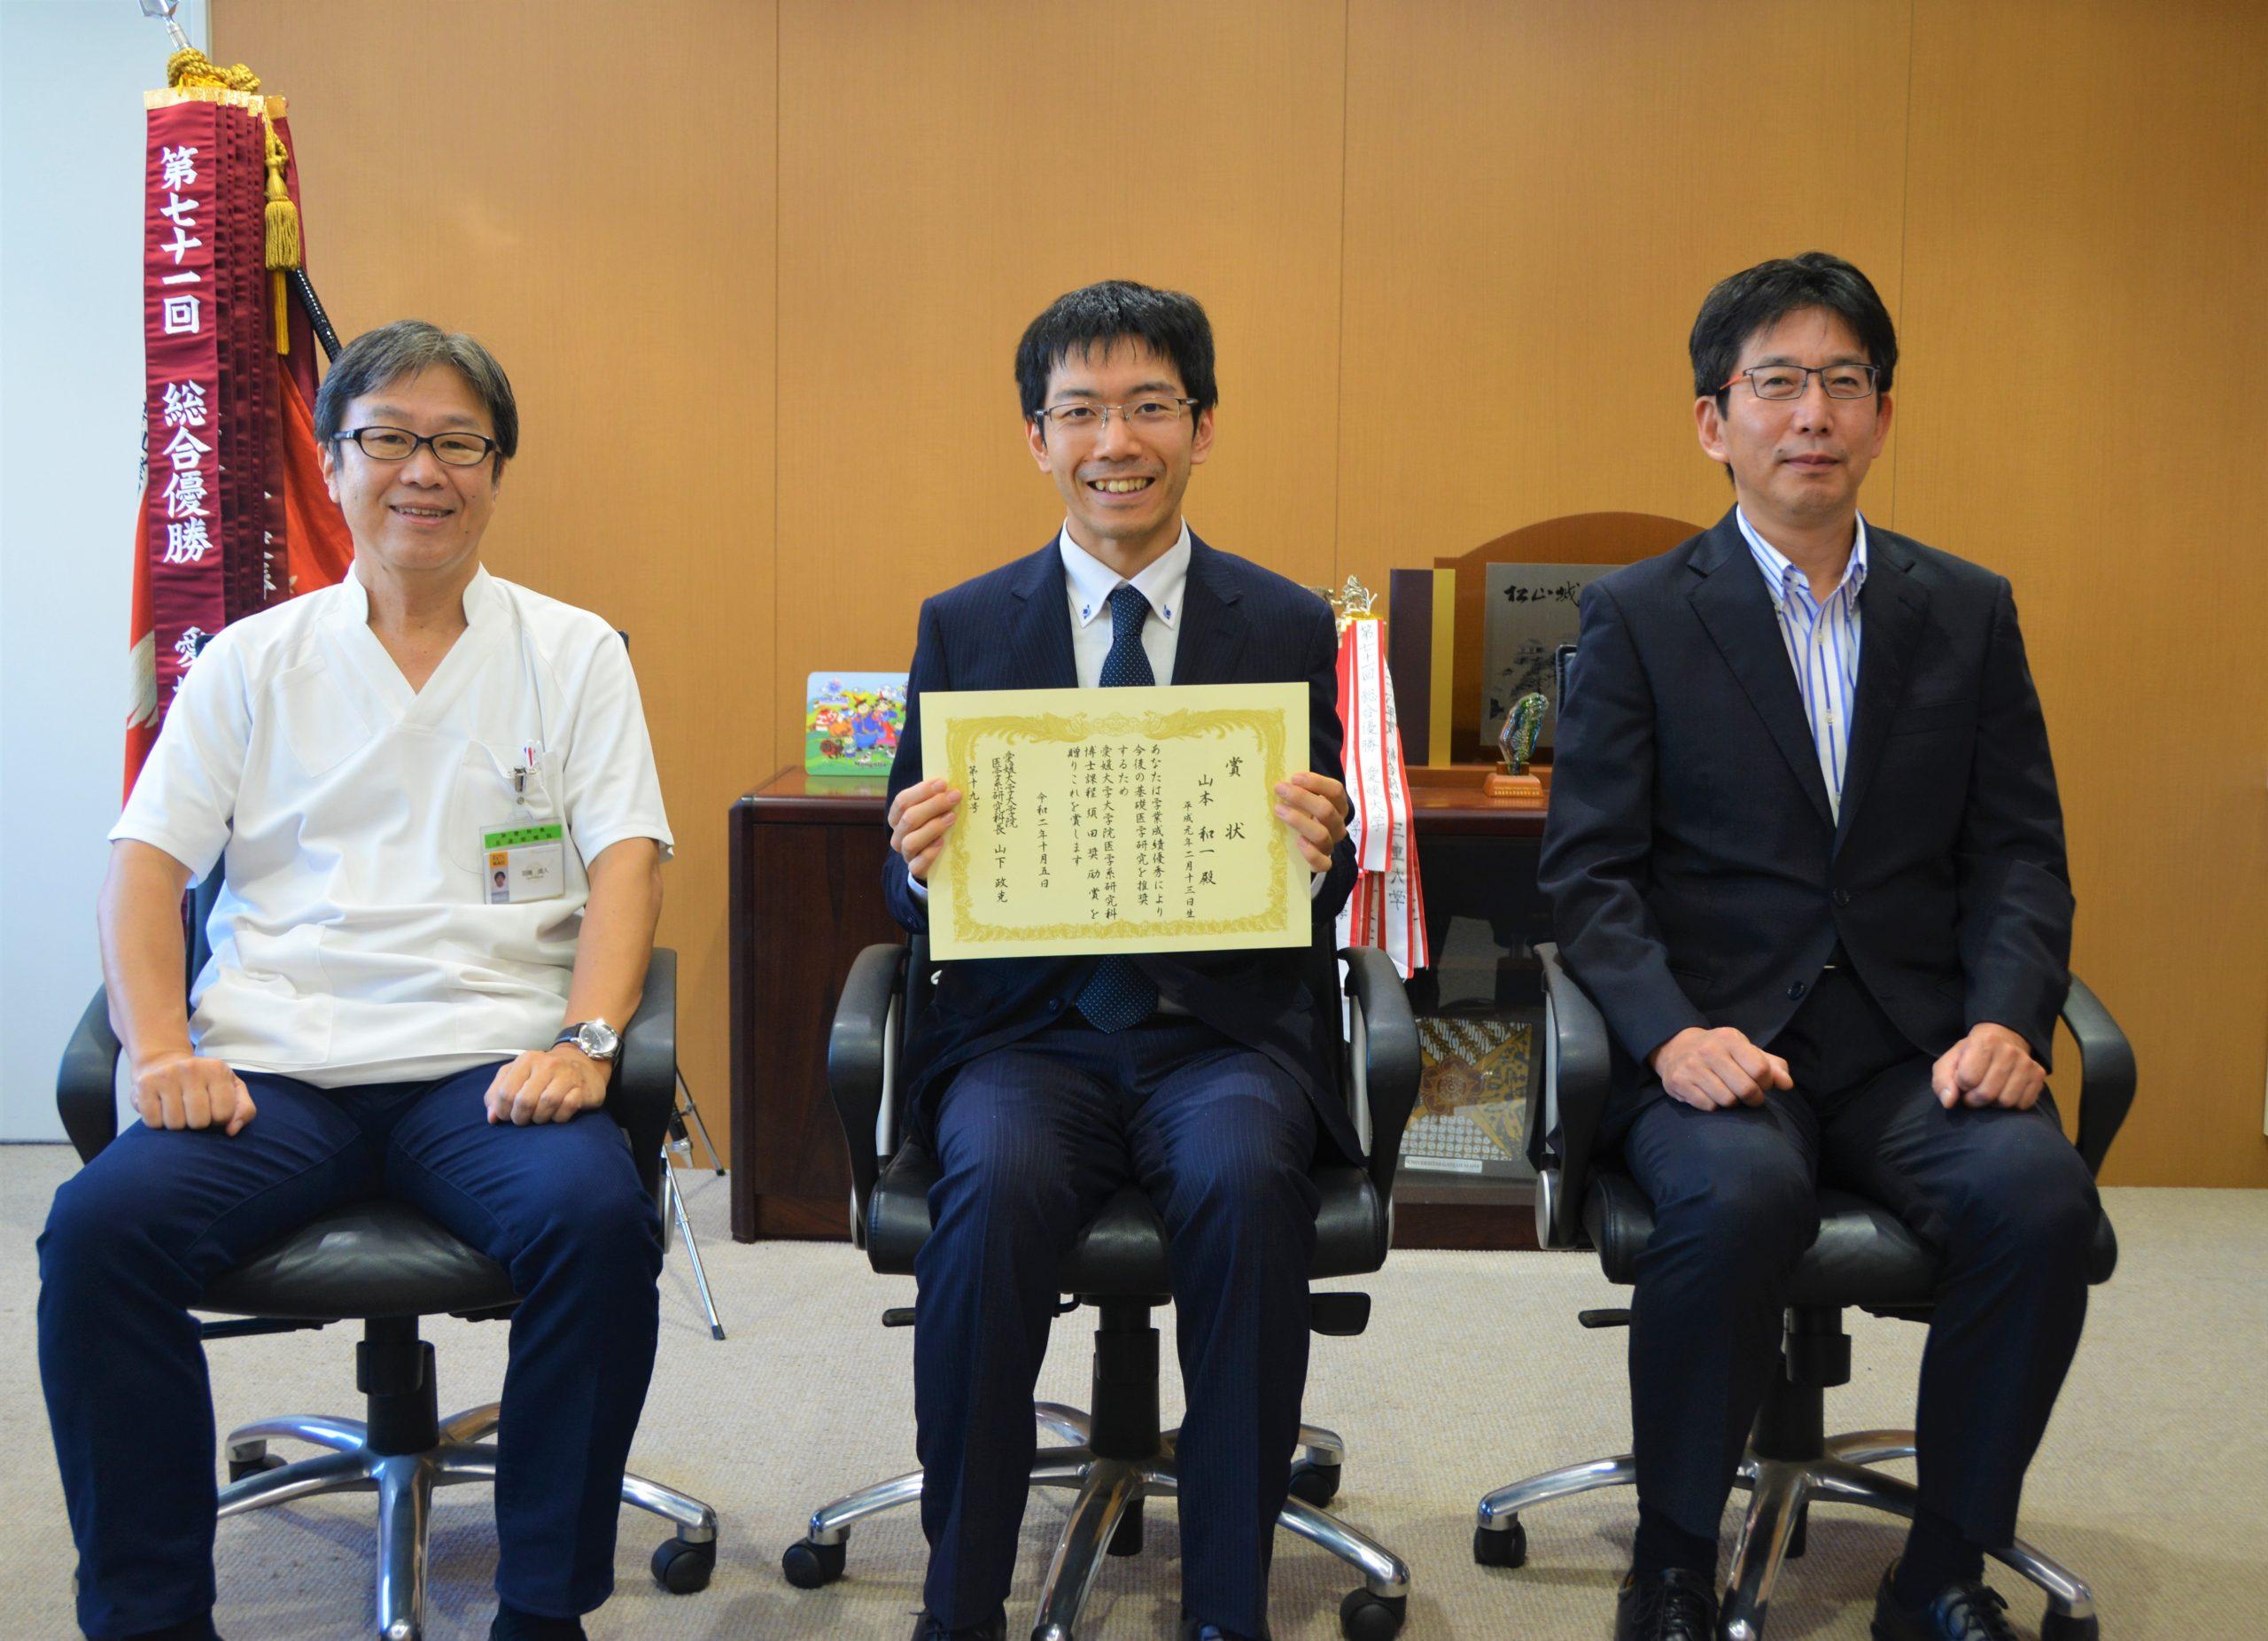 第19回須田奨励賞授与式を開催しました